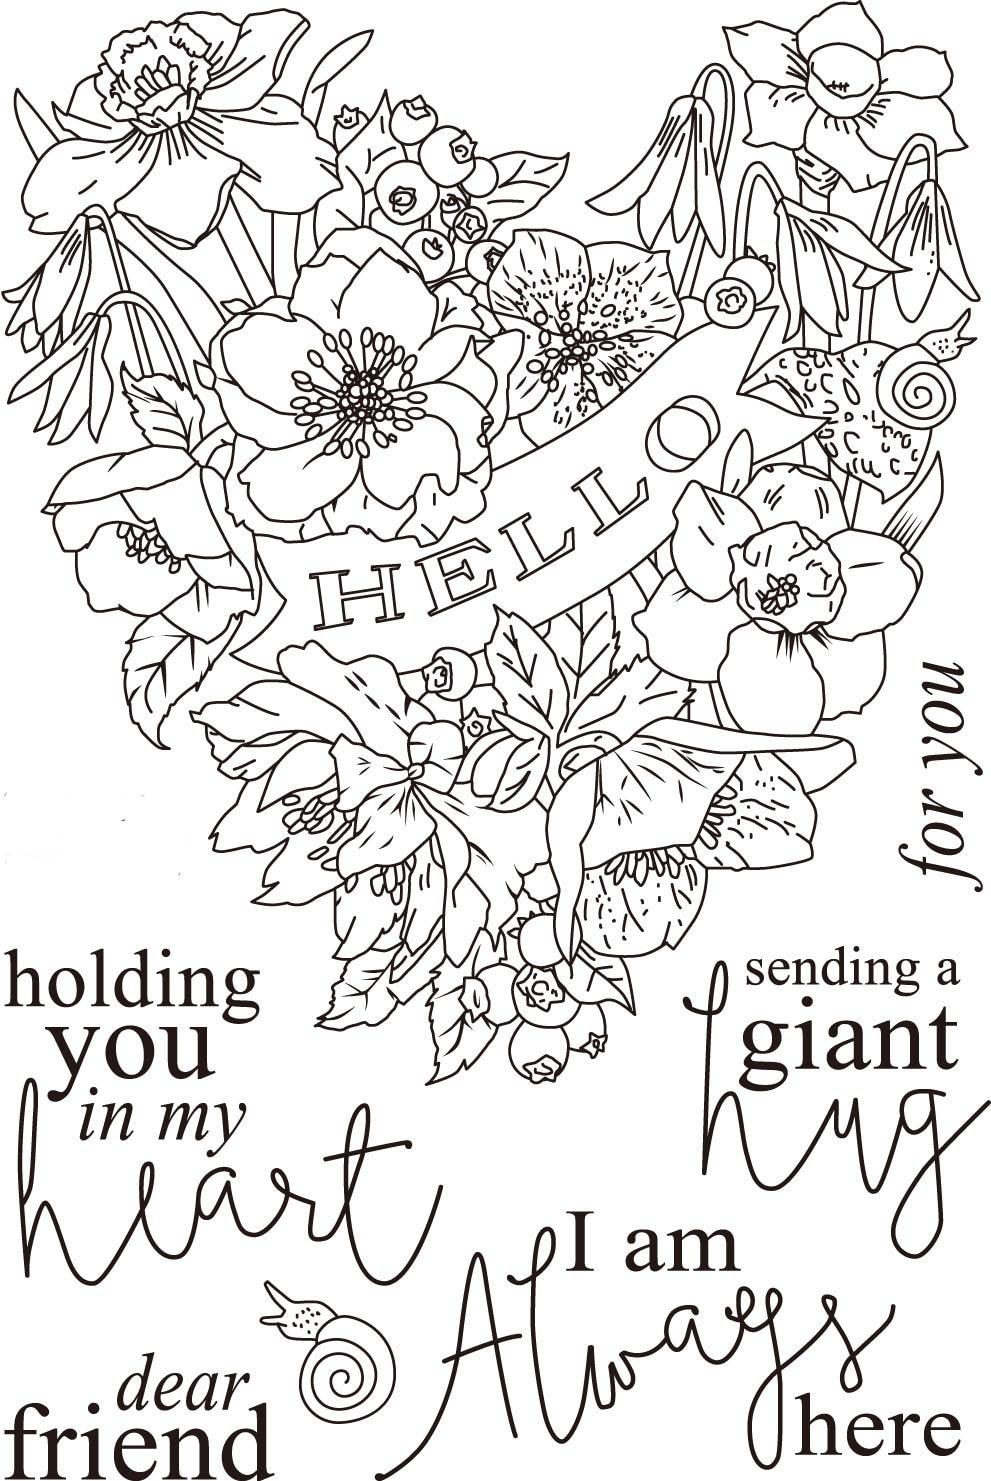 [해외]Hello/ Flower Transparent Clear Silicone Stamp/Seal for DIY scrapbooking/photo album Decorative clear stamp sheets  A813/Hello/ Flower Transparent